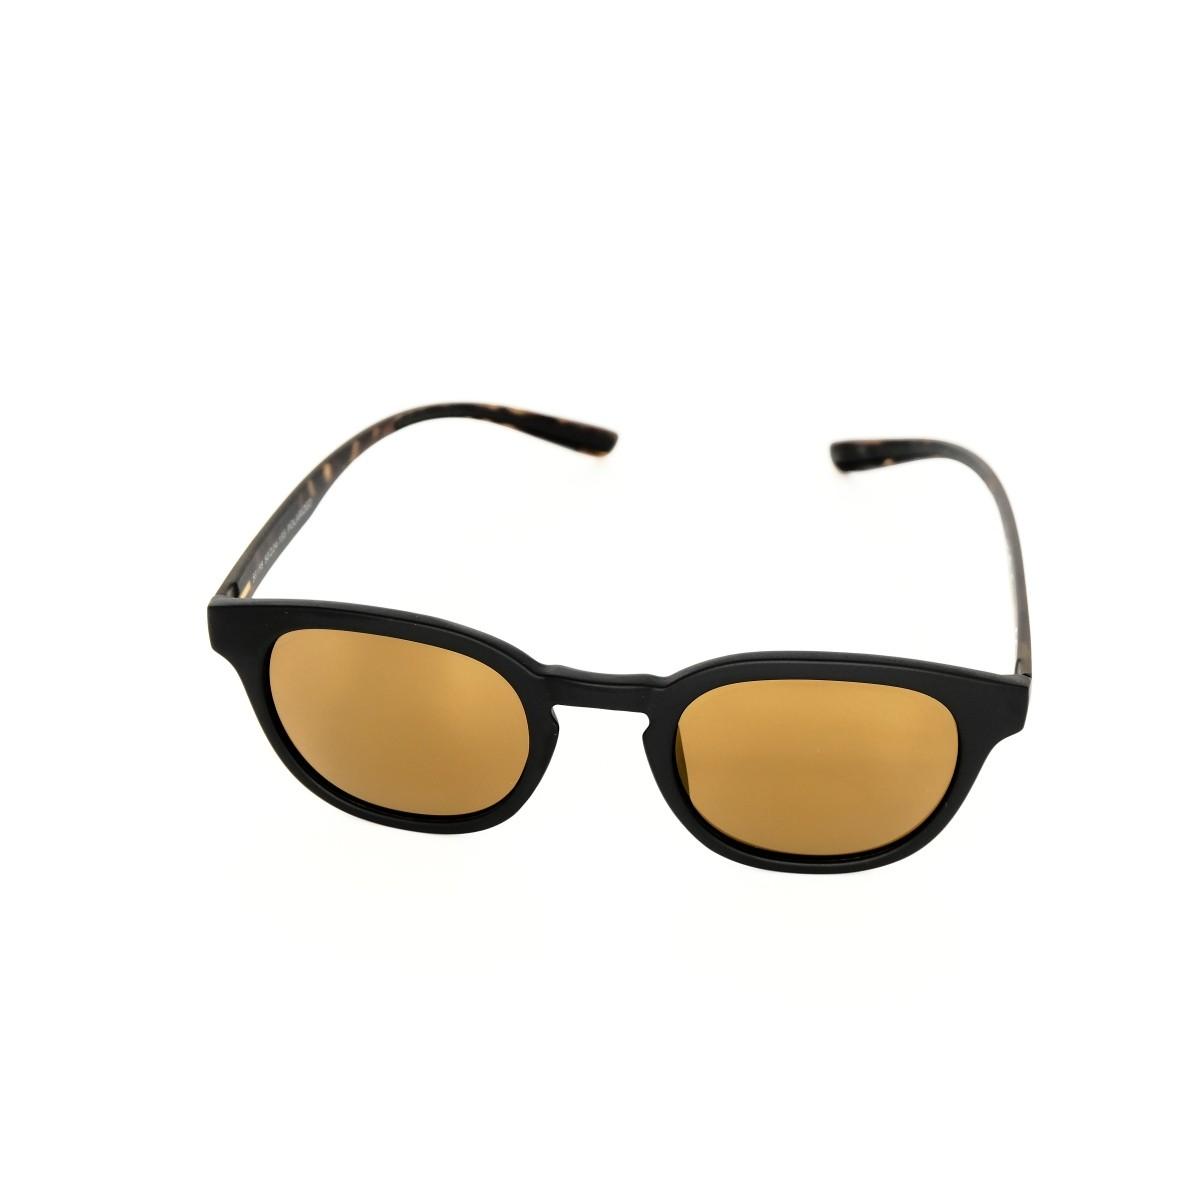 Centrostyle Urban Style marrone 59171, 45,00€, Occhiali Centrostyle Marrone a forma Squadrato